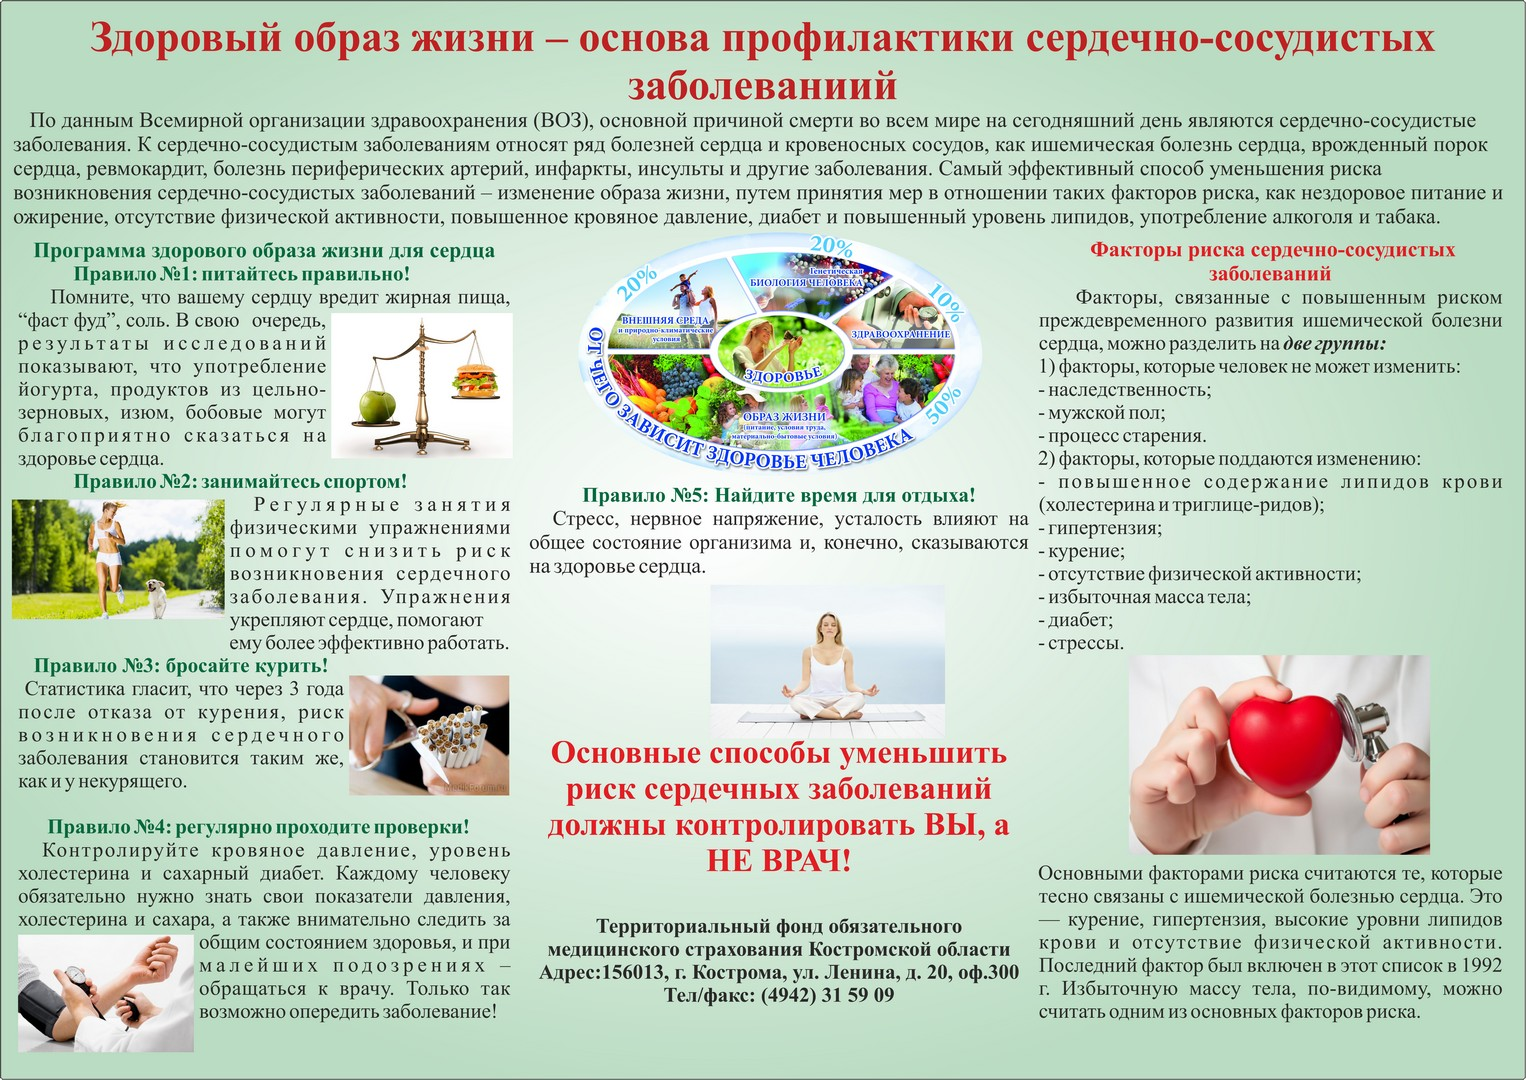 Рецепты от сердечно-сосудистых заболеваний